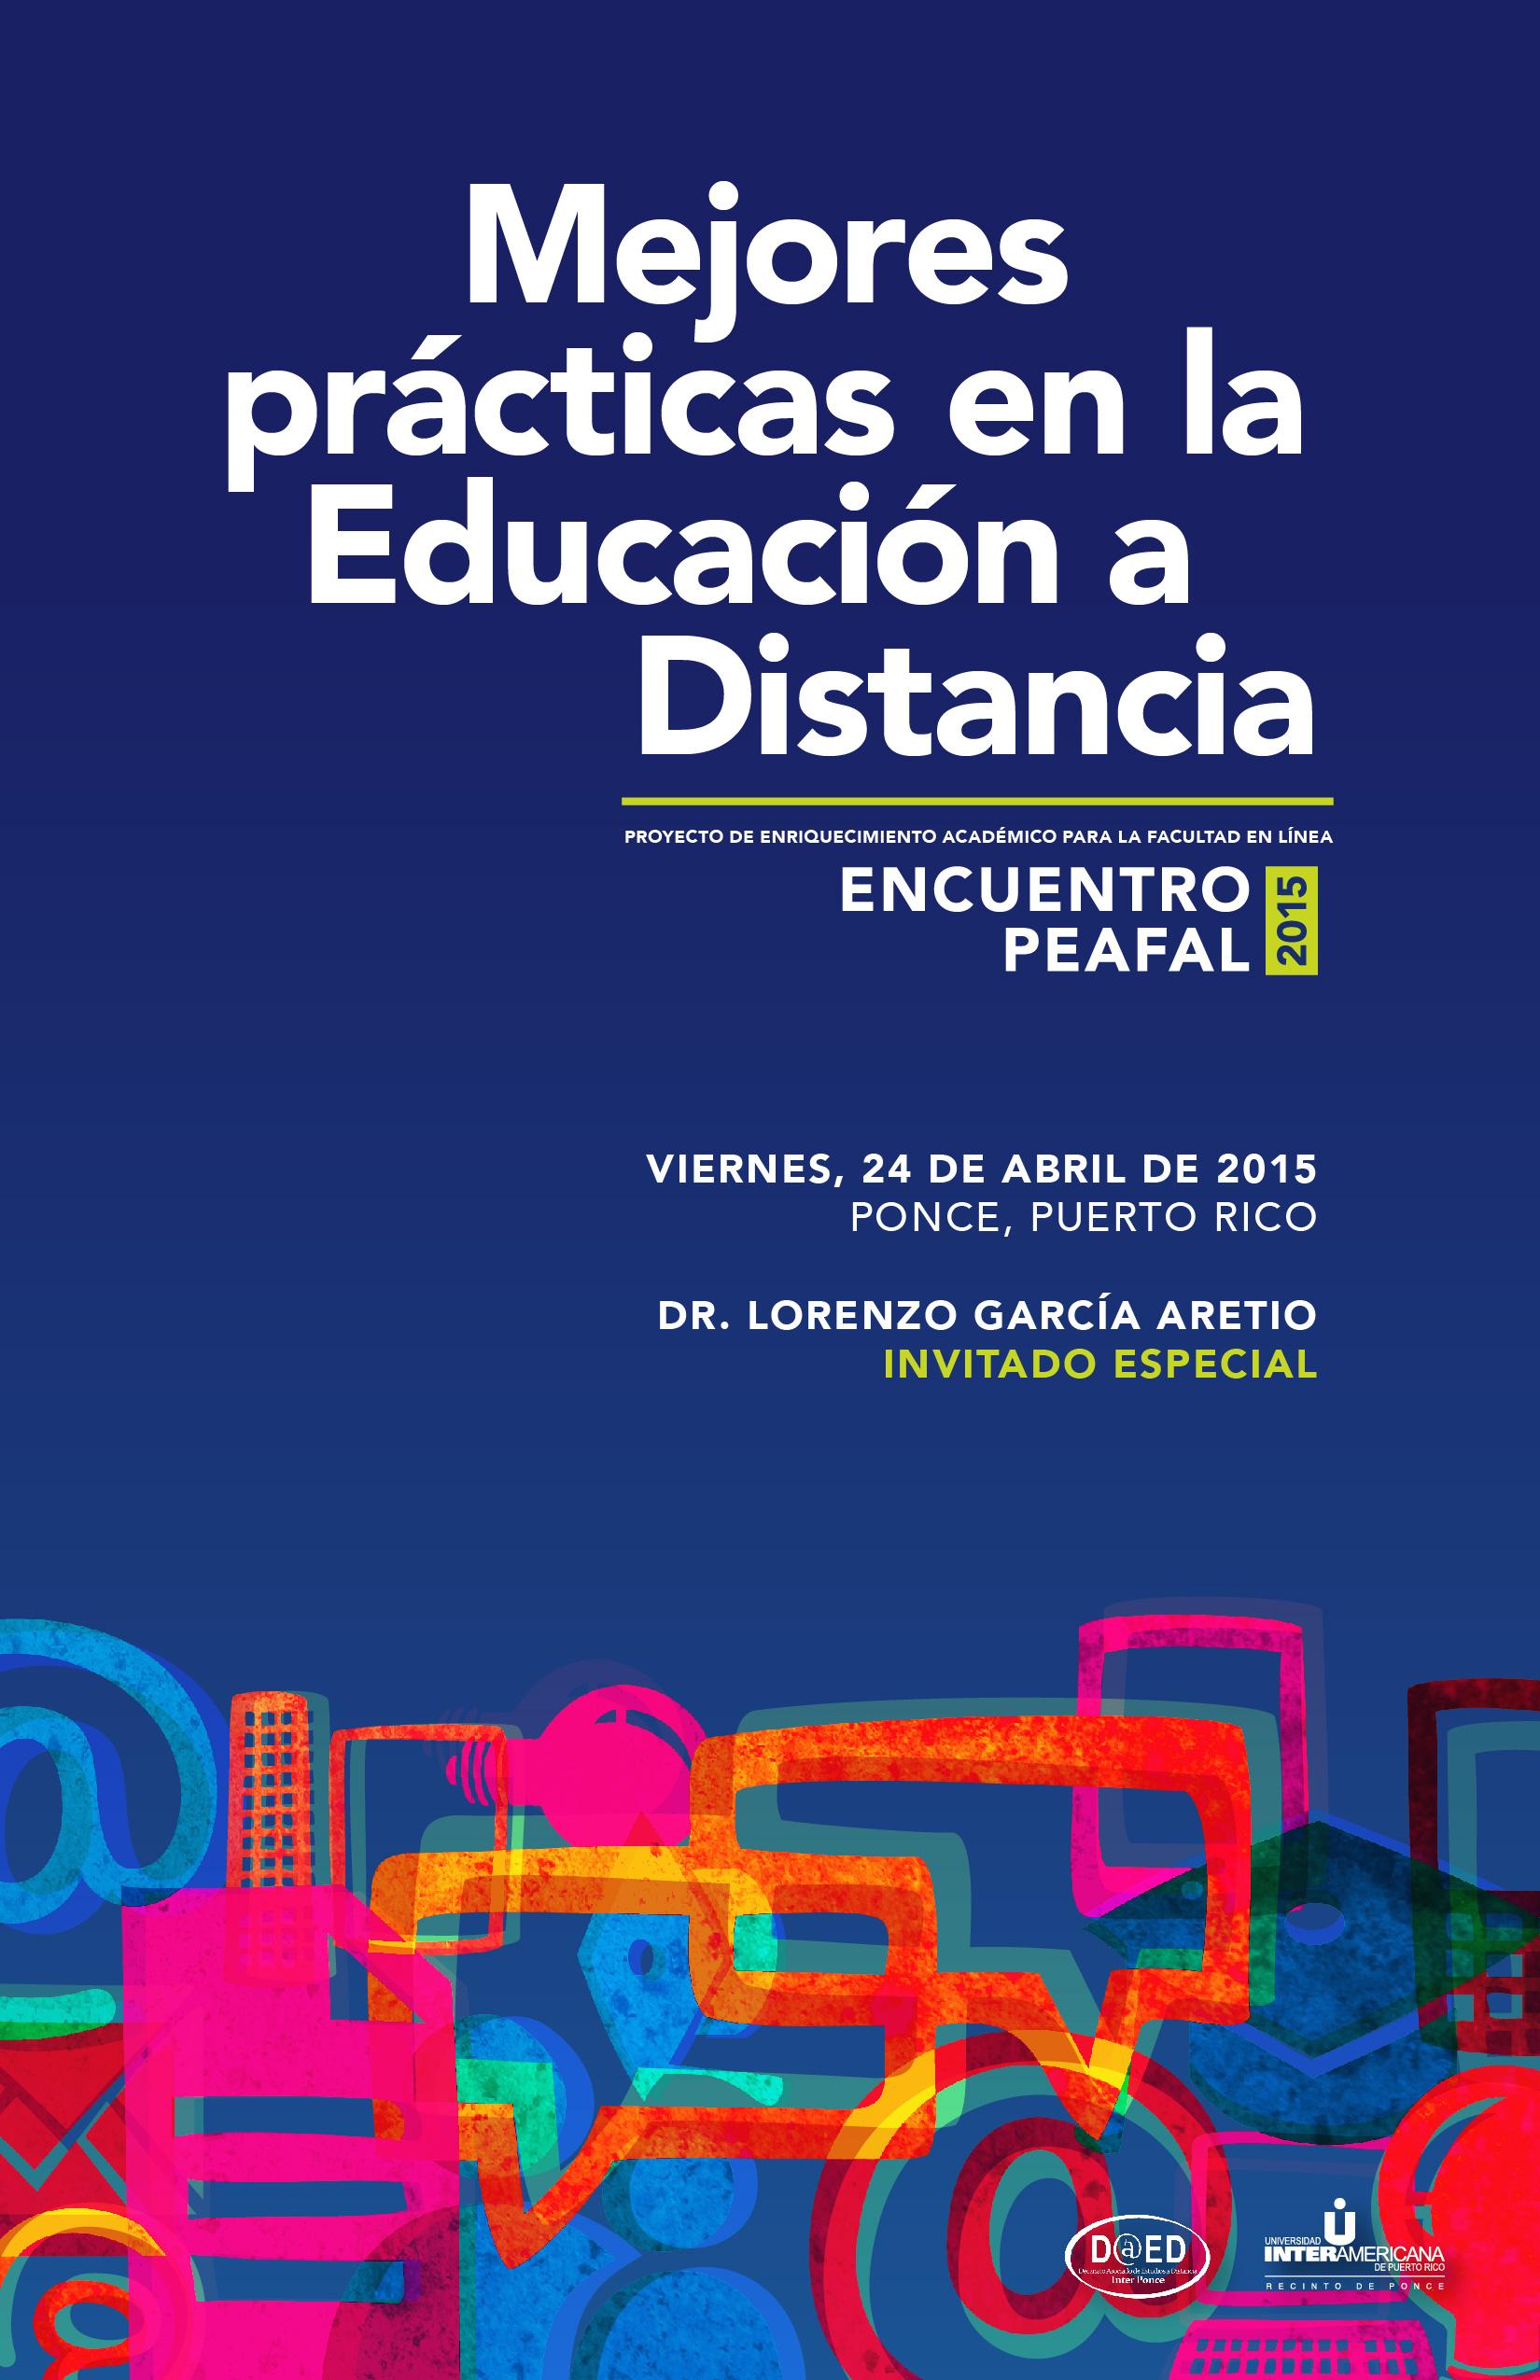 Mejores Prácticas en la Educación a Distancia: Encuentro PEAFAL 2015.